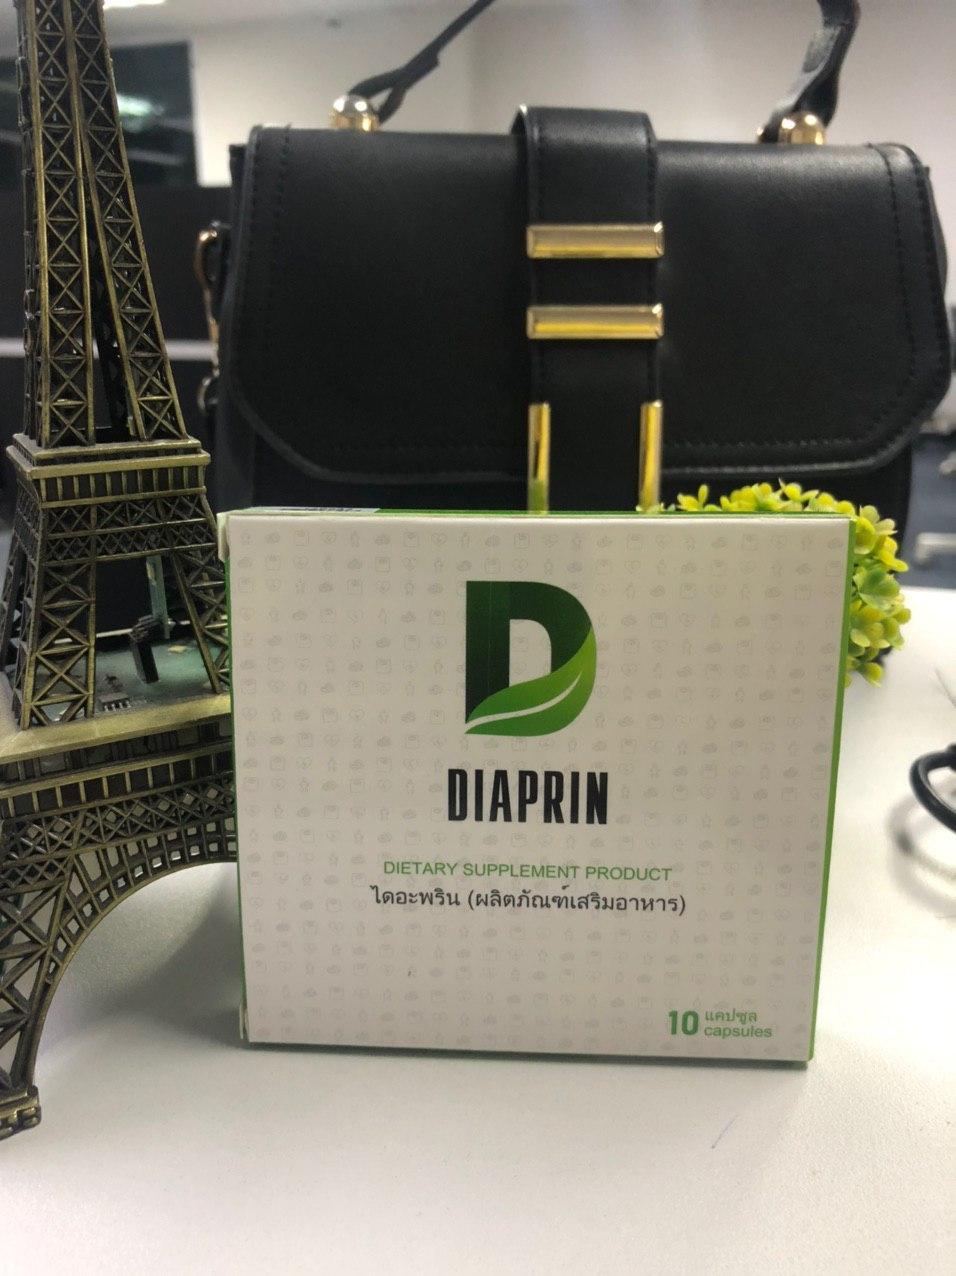 Diaprin -Thailand-pantip-ดีไหม-ขายที่ไหน-หาซื้อได้ที่ไหน